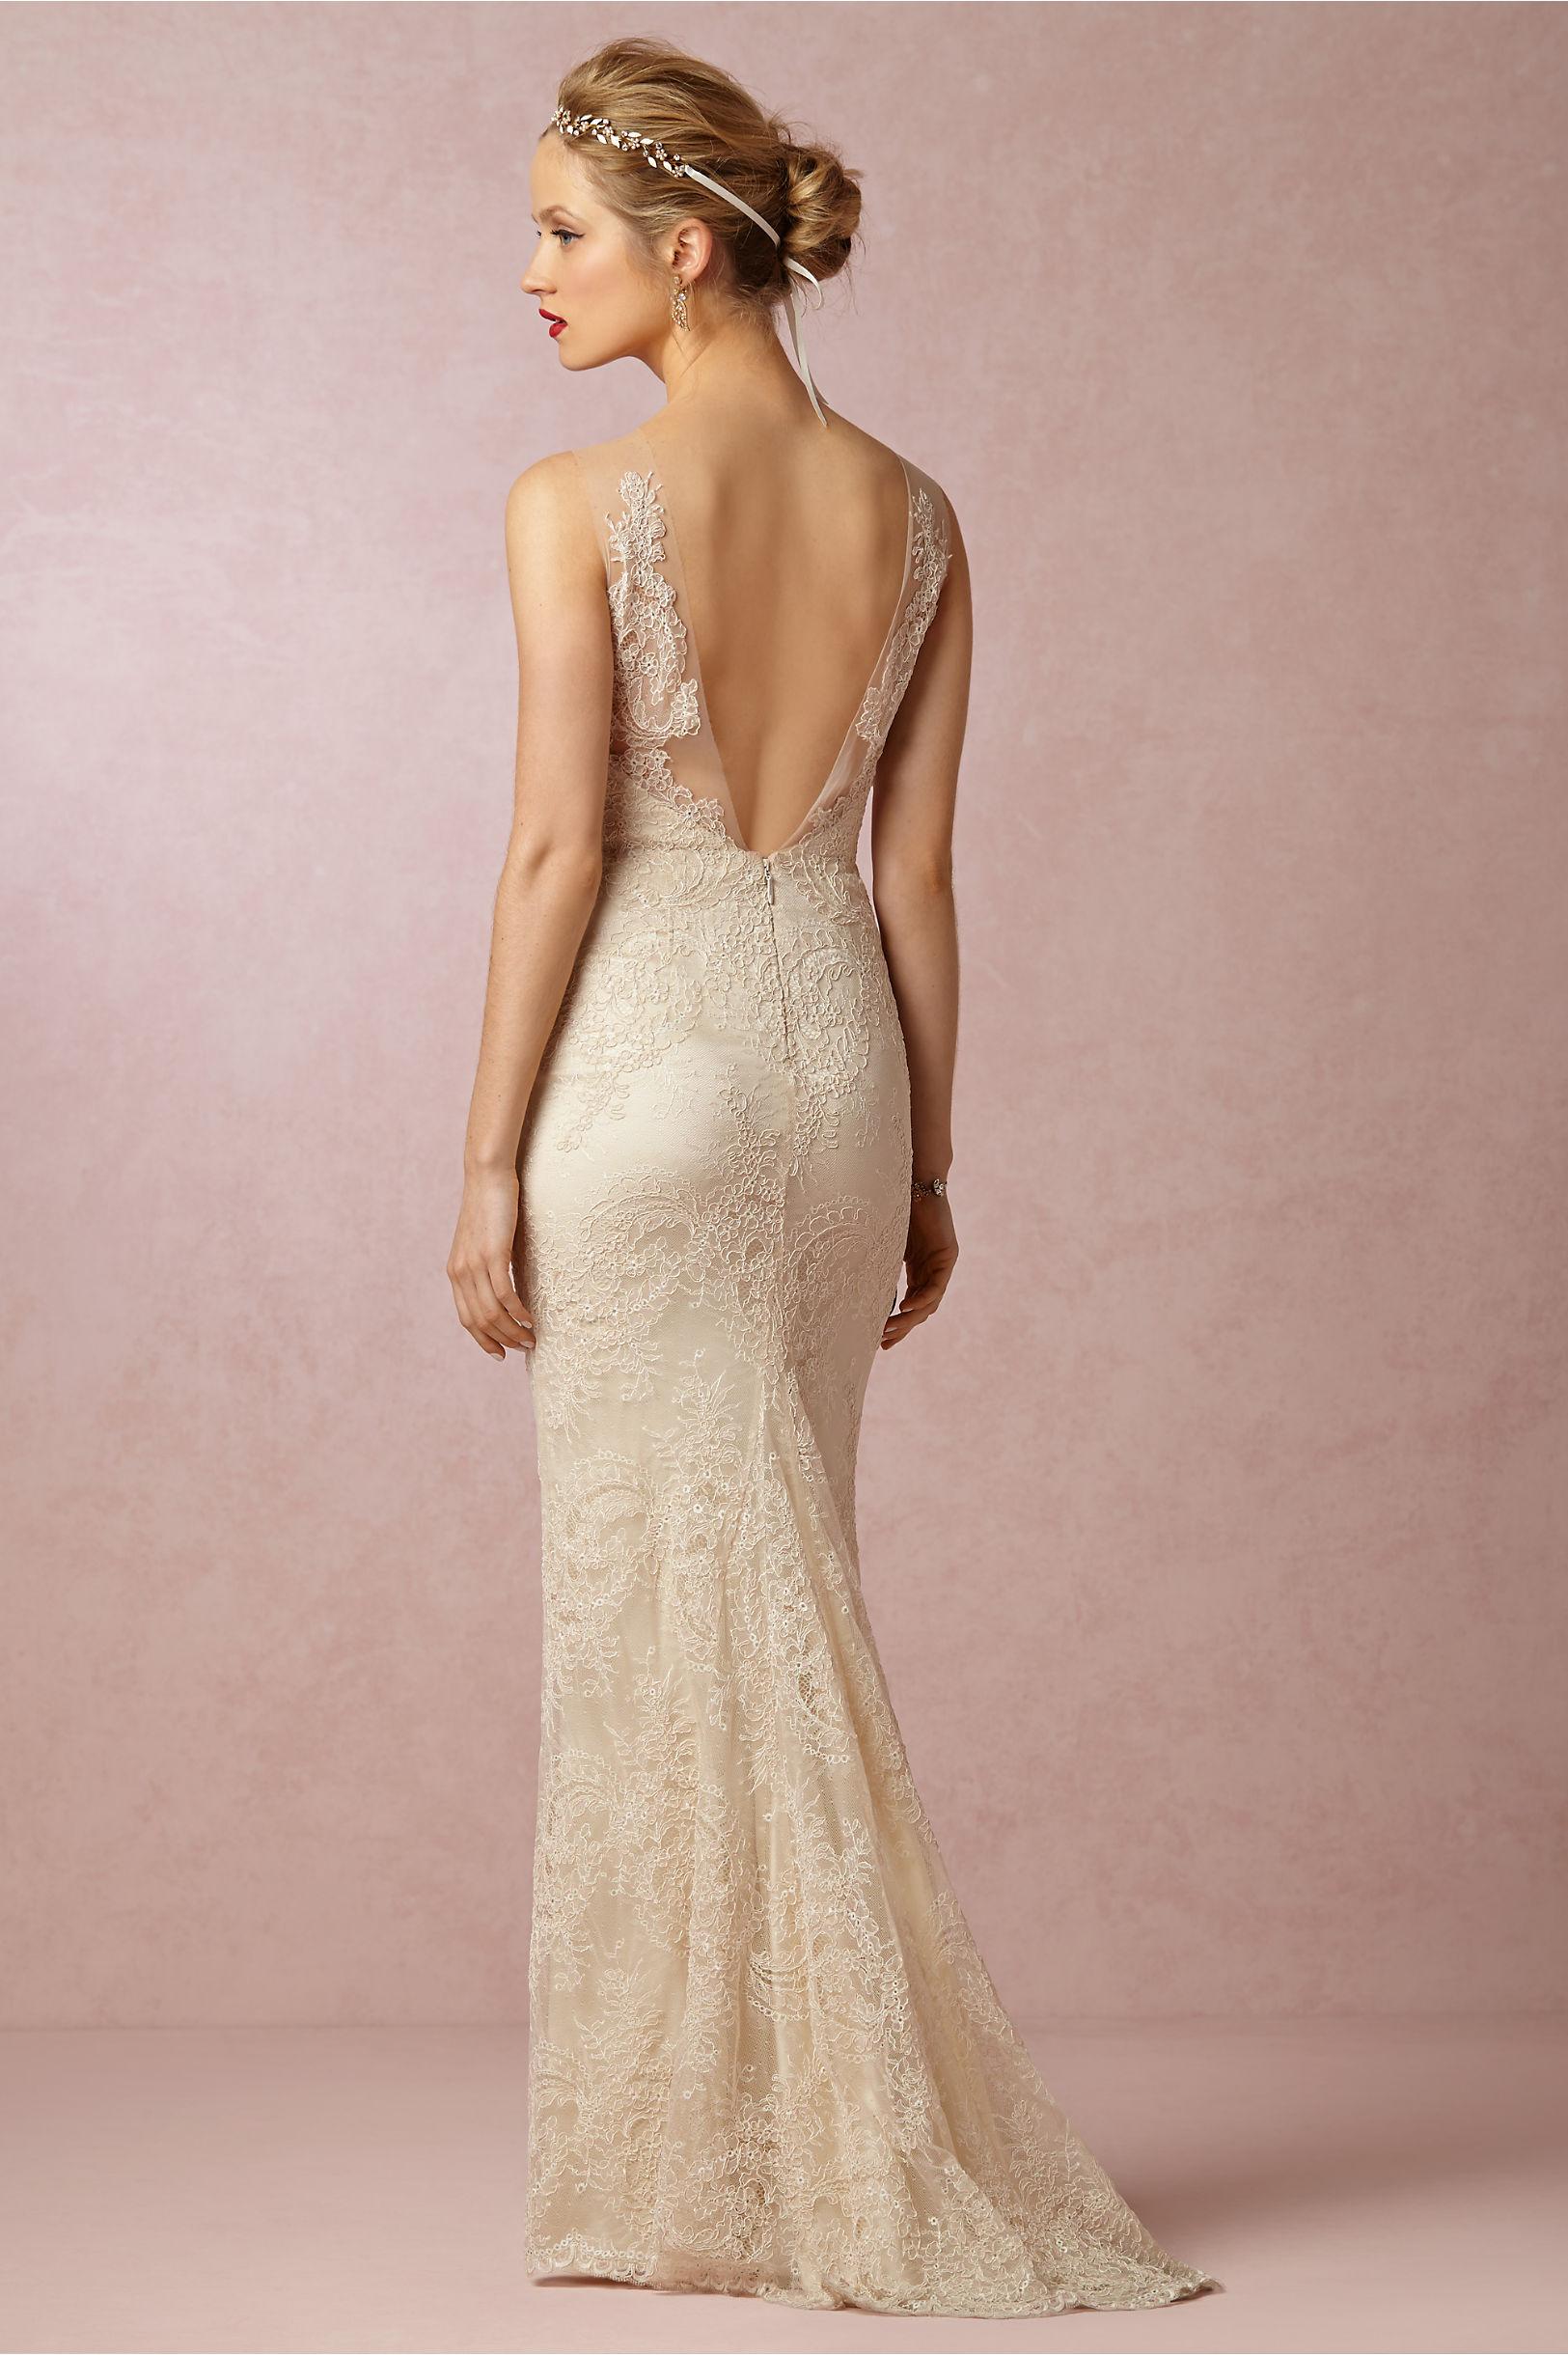 Bhldn Tempo Gown Wedding Dress.Bhldn Taryn Wedding Dress. Wedding ...